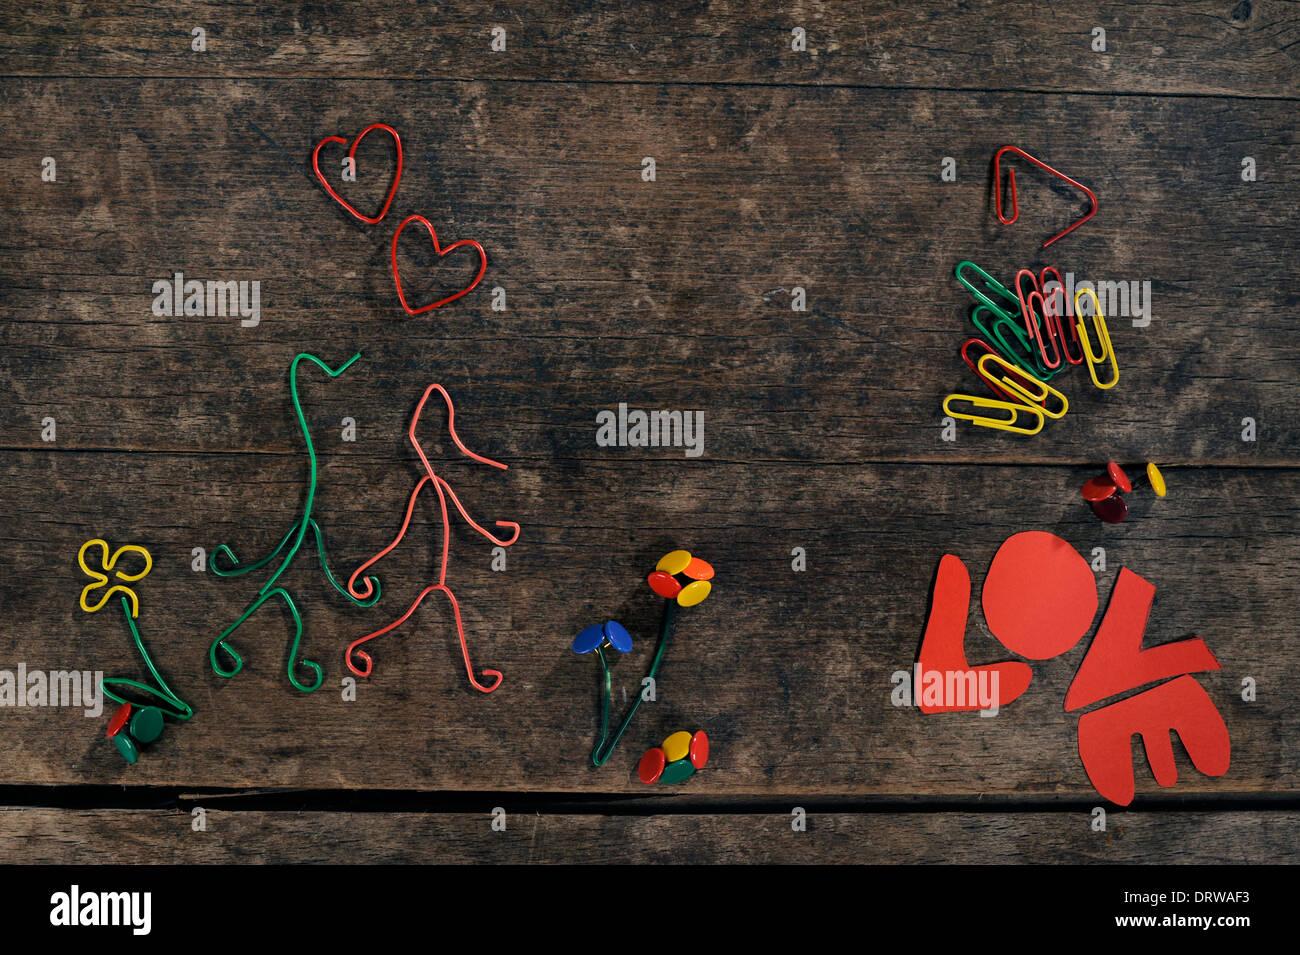 Histoire d'amour créatif, en couple dans l'amour, coeurs et fleurs fabriqué à partir de trombones et punaises sur un beau fond de bois. Photo Stock